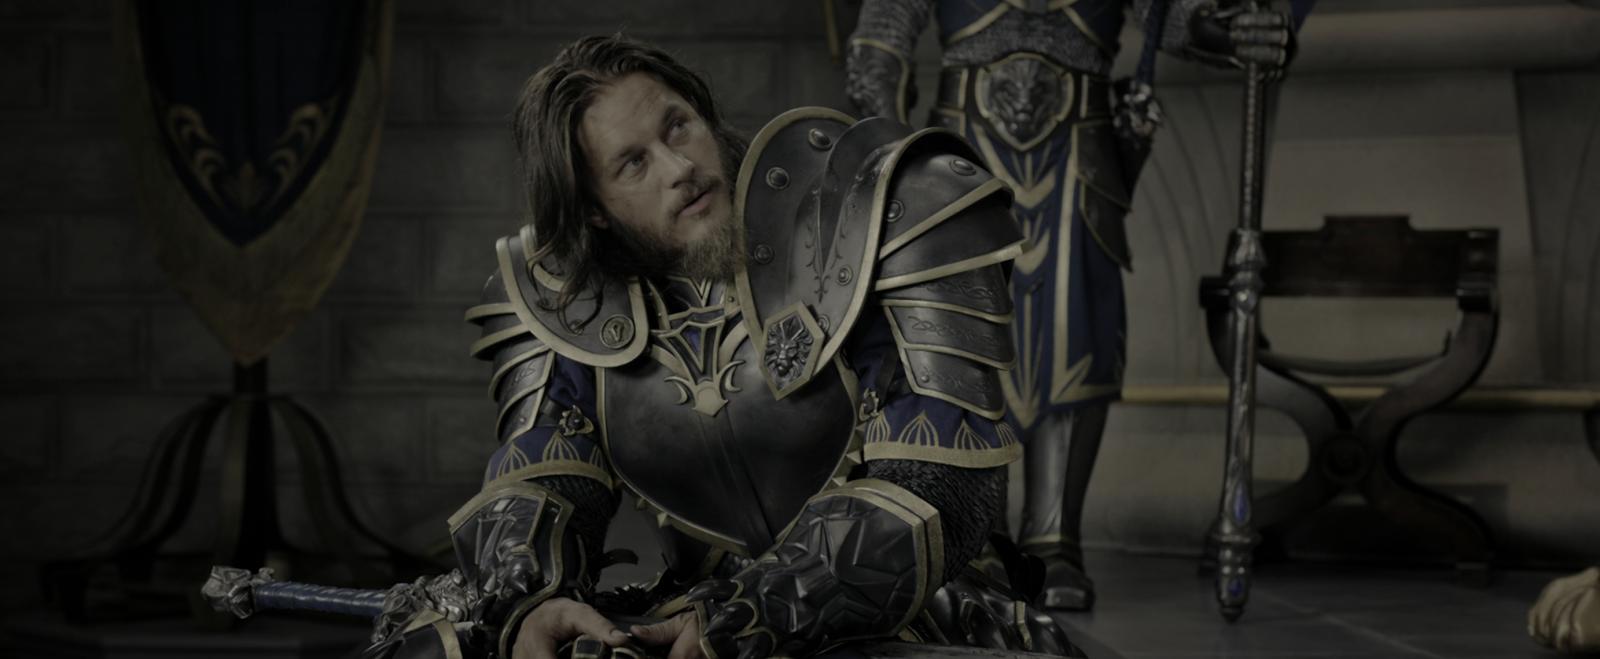 Warcraft: El Primer Encuentro de dos Mundos (2016) 4K UHD [HDR] Latino - Castellano - Ingles captura 2